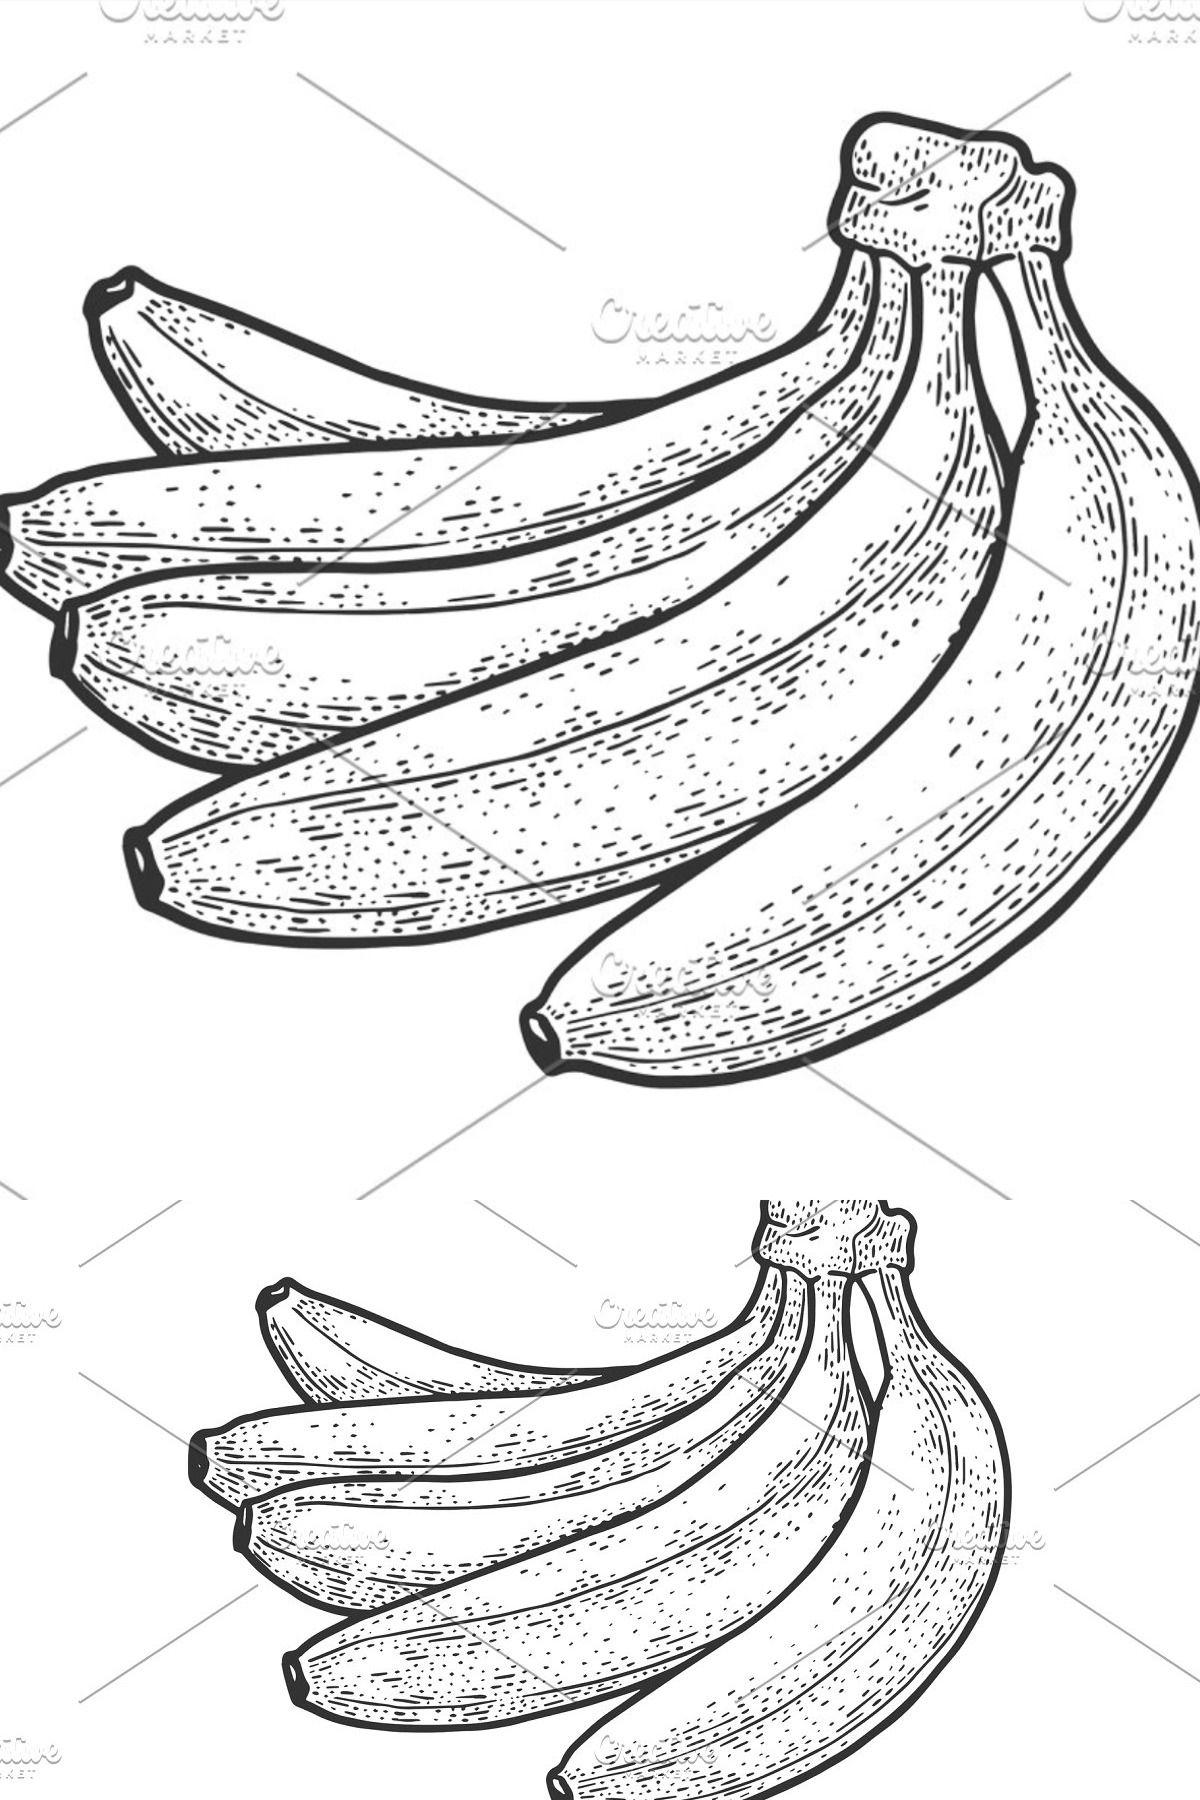 Bananas Fruit Sketch Vector In 2020 Banana Sketch Sketches